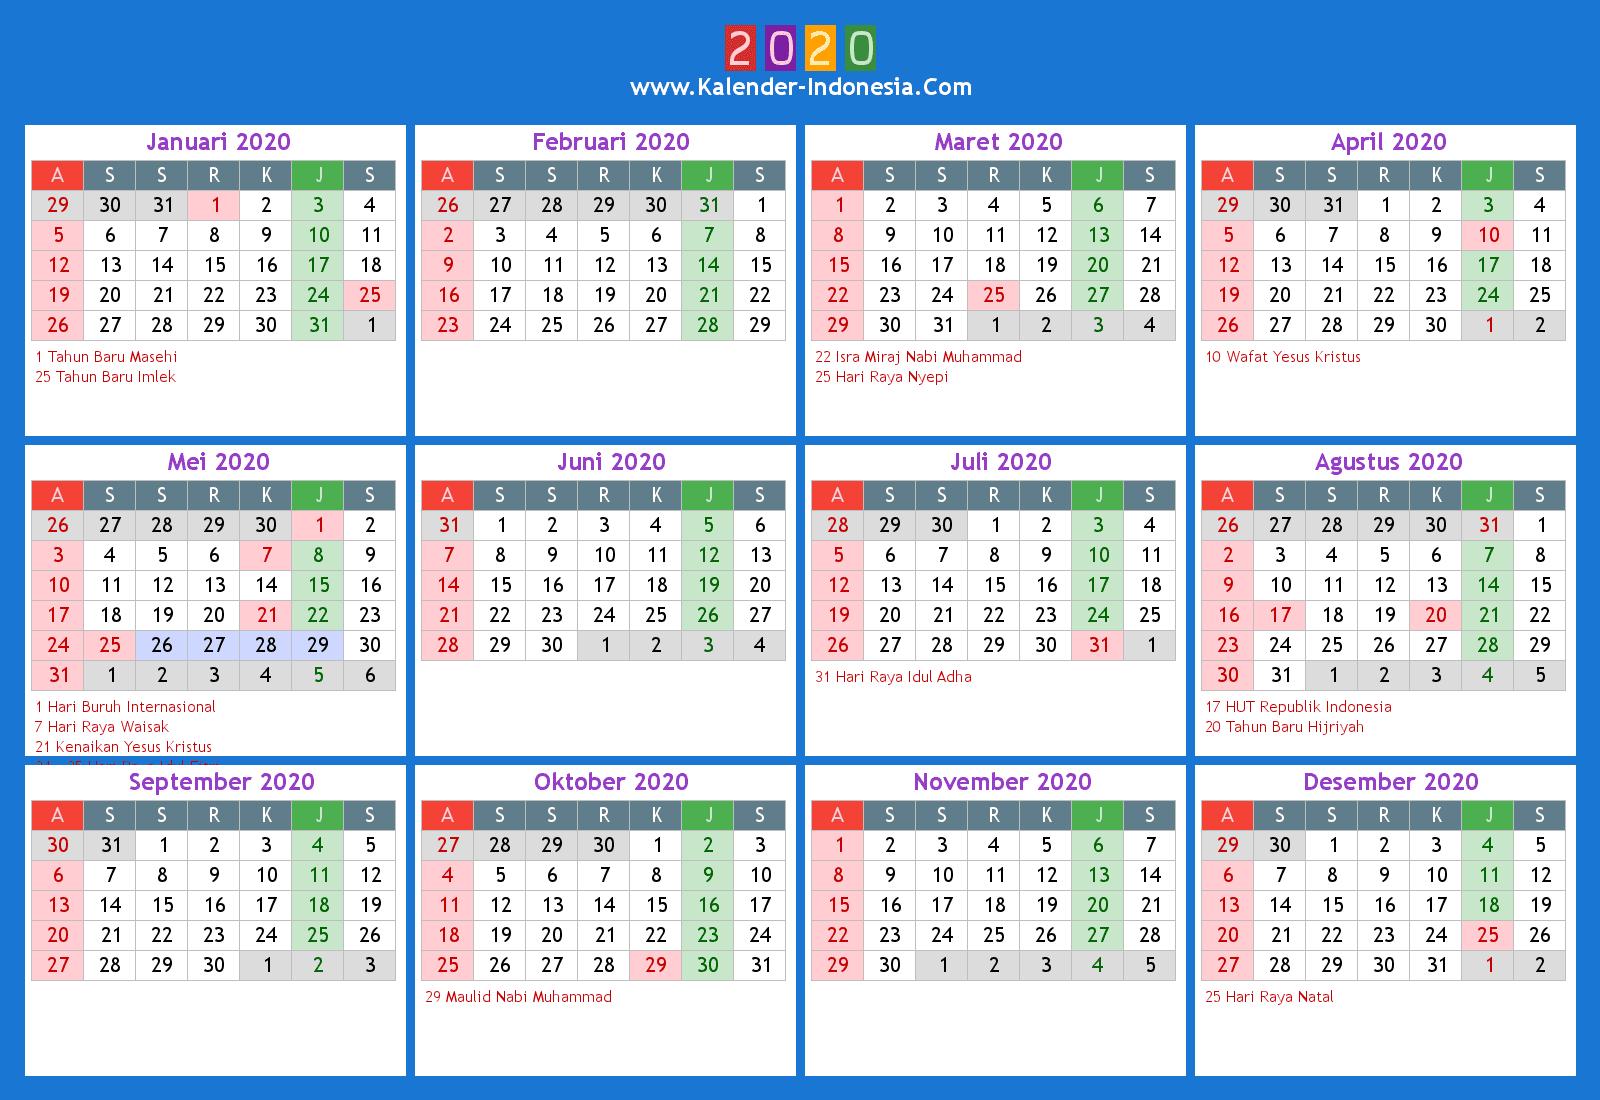 Kalender Indonesia Online: 2020